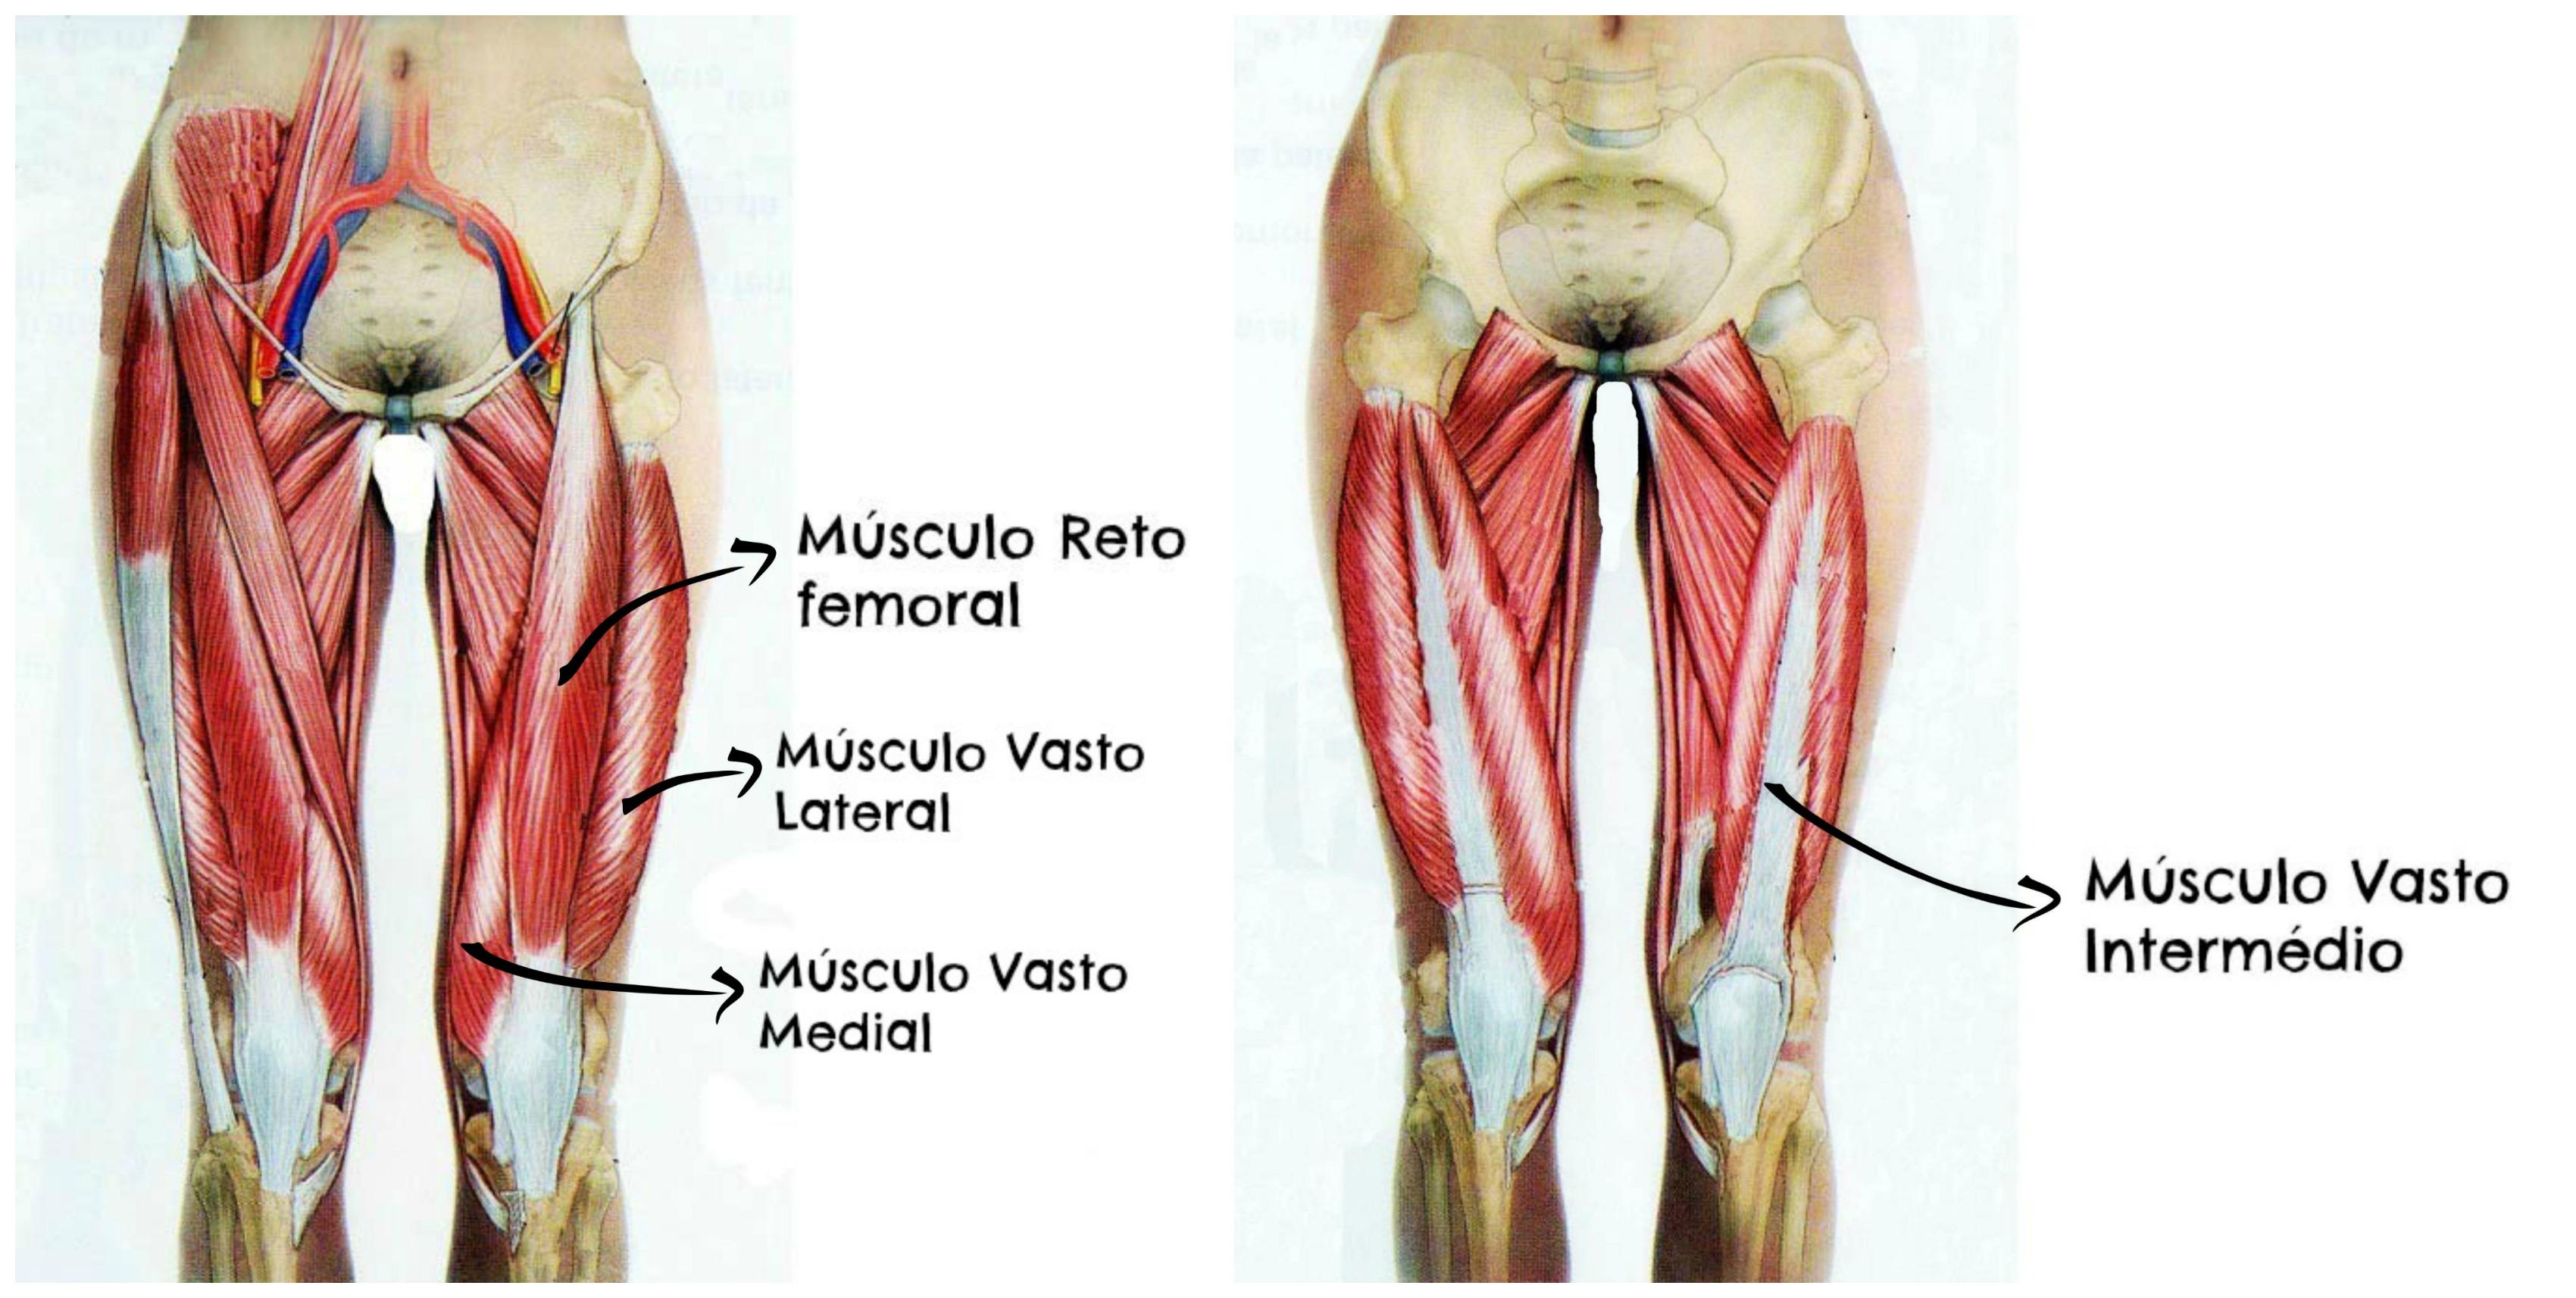 musculo transverso do abdome origem e inserção